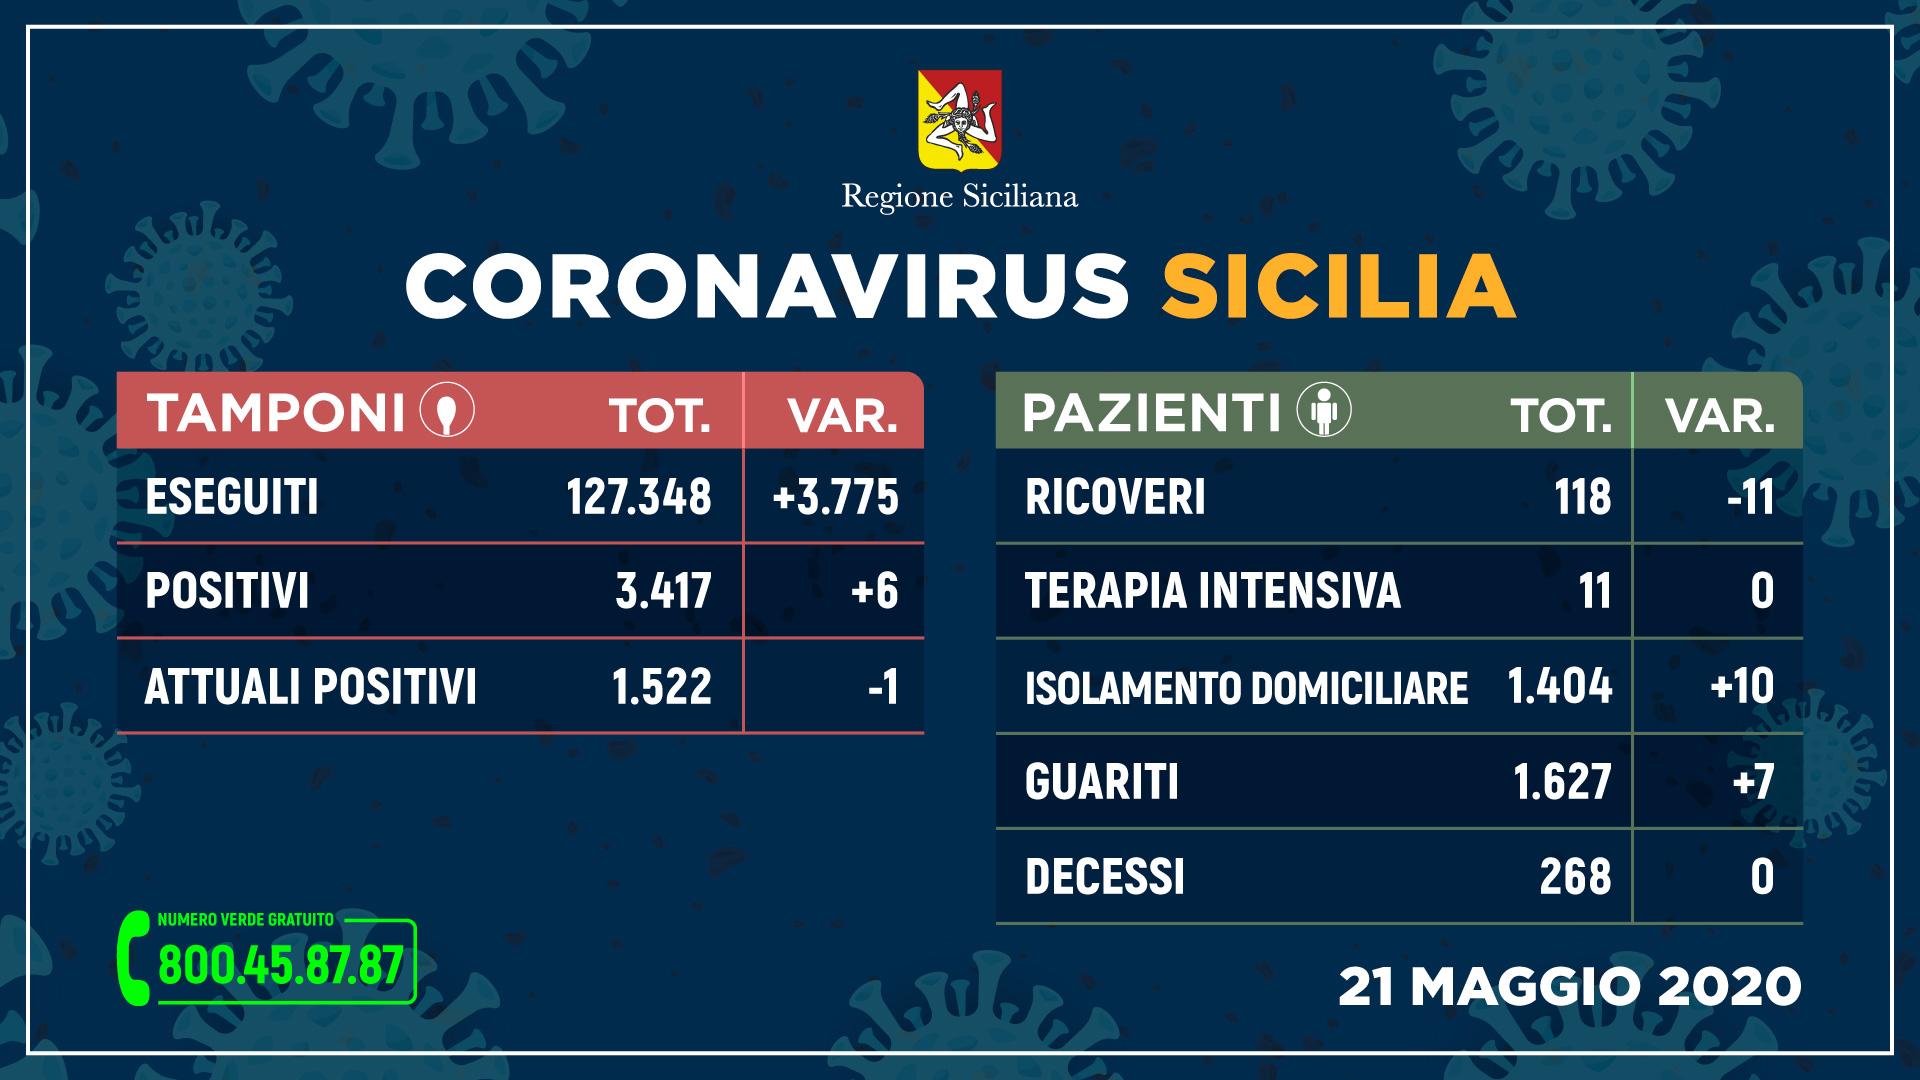 tabella dei dati sul coronavirus in Sicilia del 21 maggio 2020